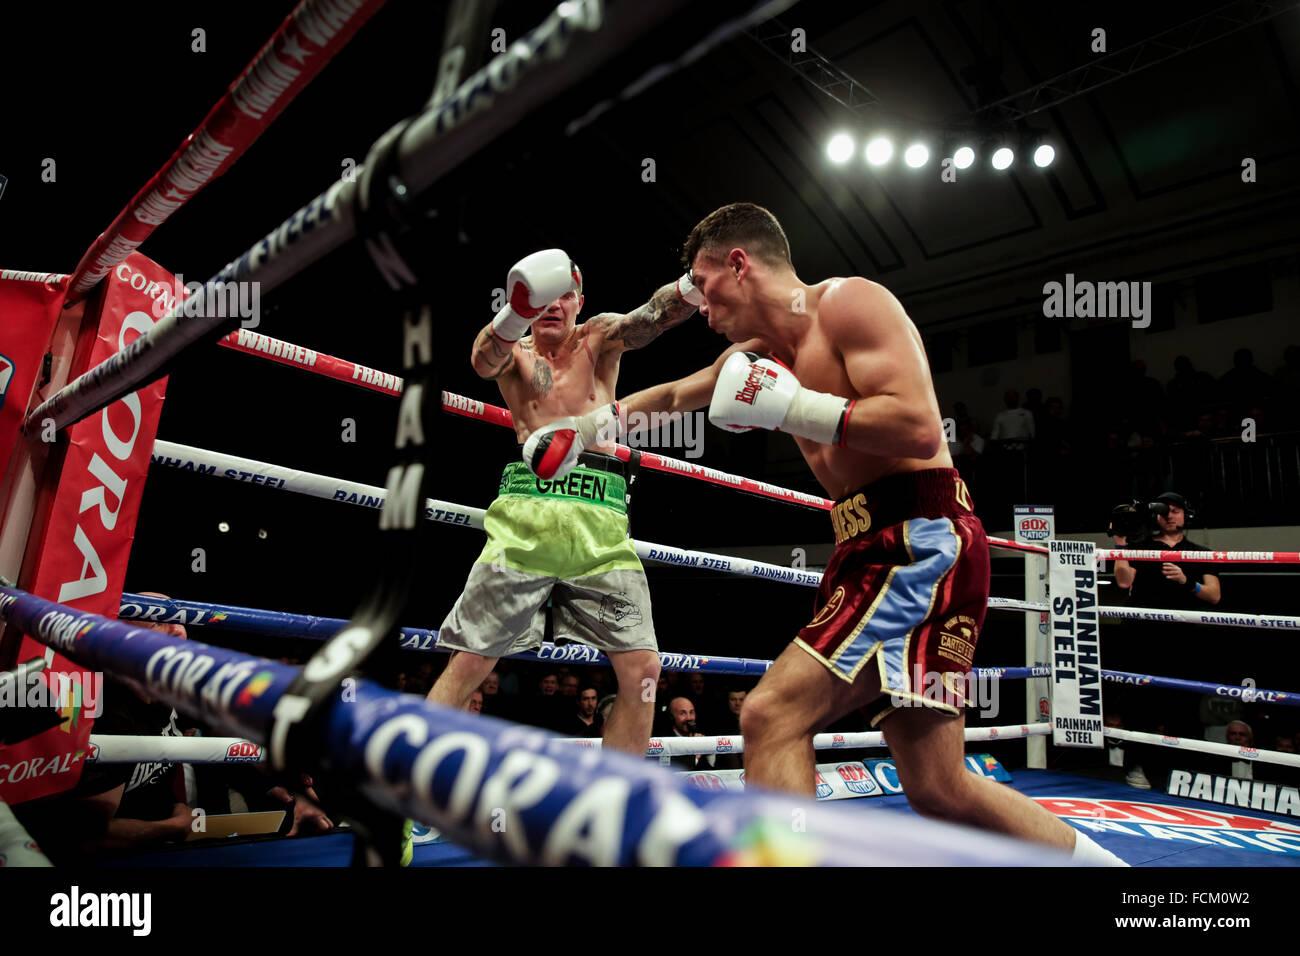 Londres, Reino Unido, 22 de enero, 2016. Una noche de los campeonatos de boxeo en York Hall, Inglaterra. Sammy Mcness Imagen De Stock